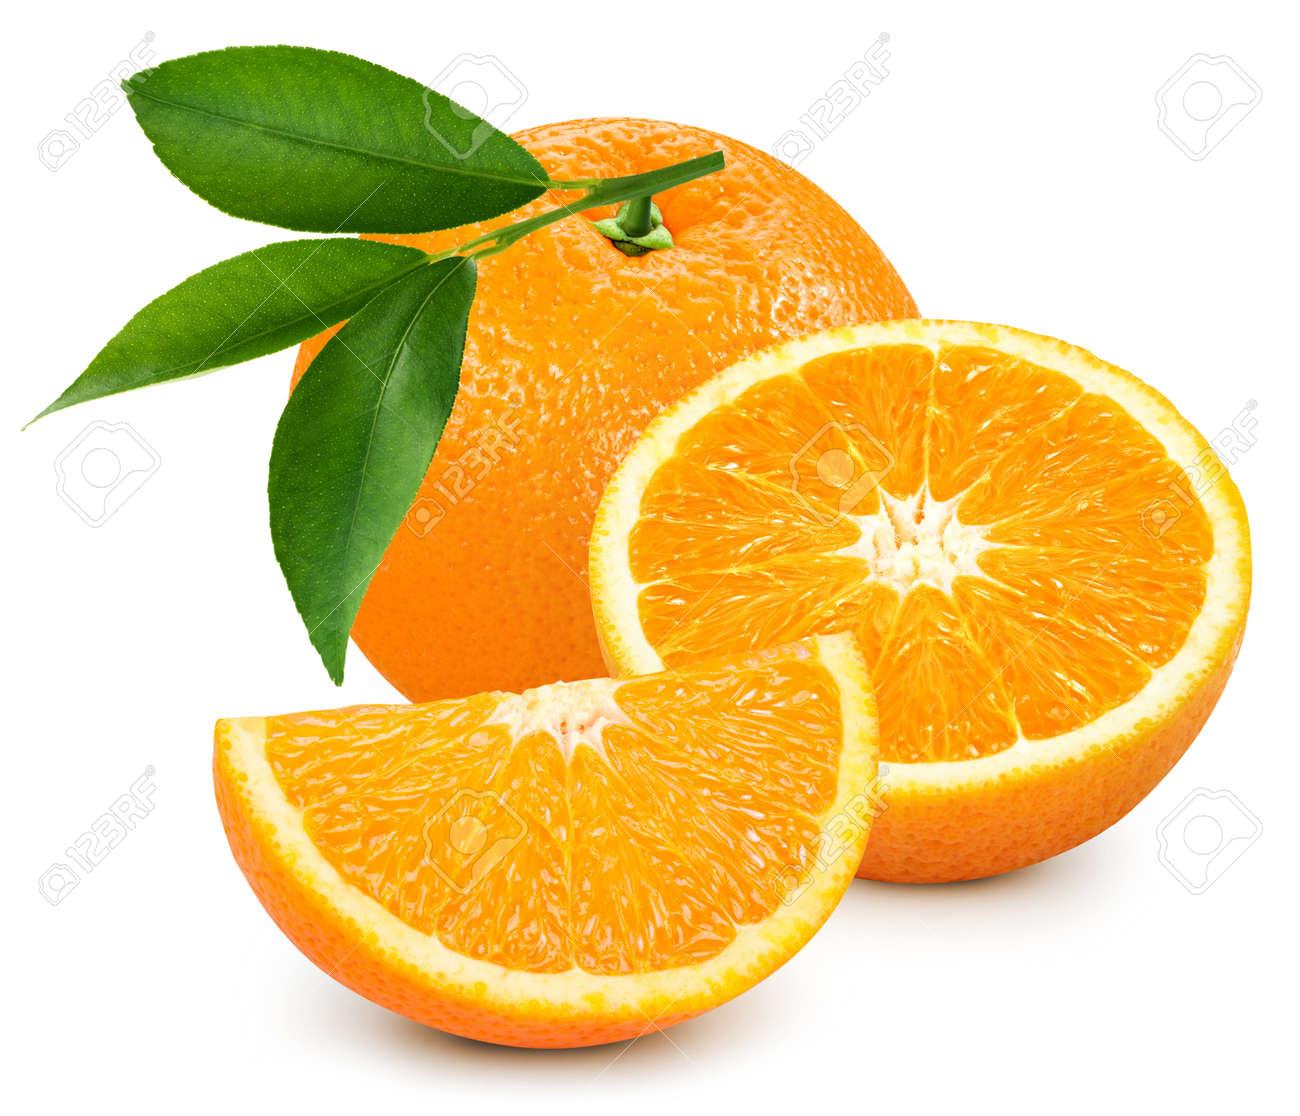 Organic orange isolated on white background.Taste orange with leaf. - 148843234